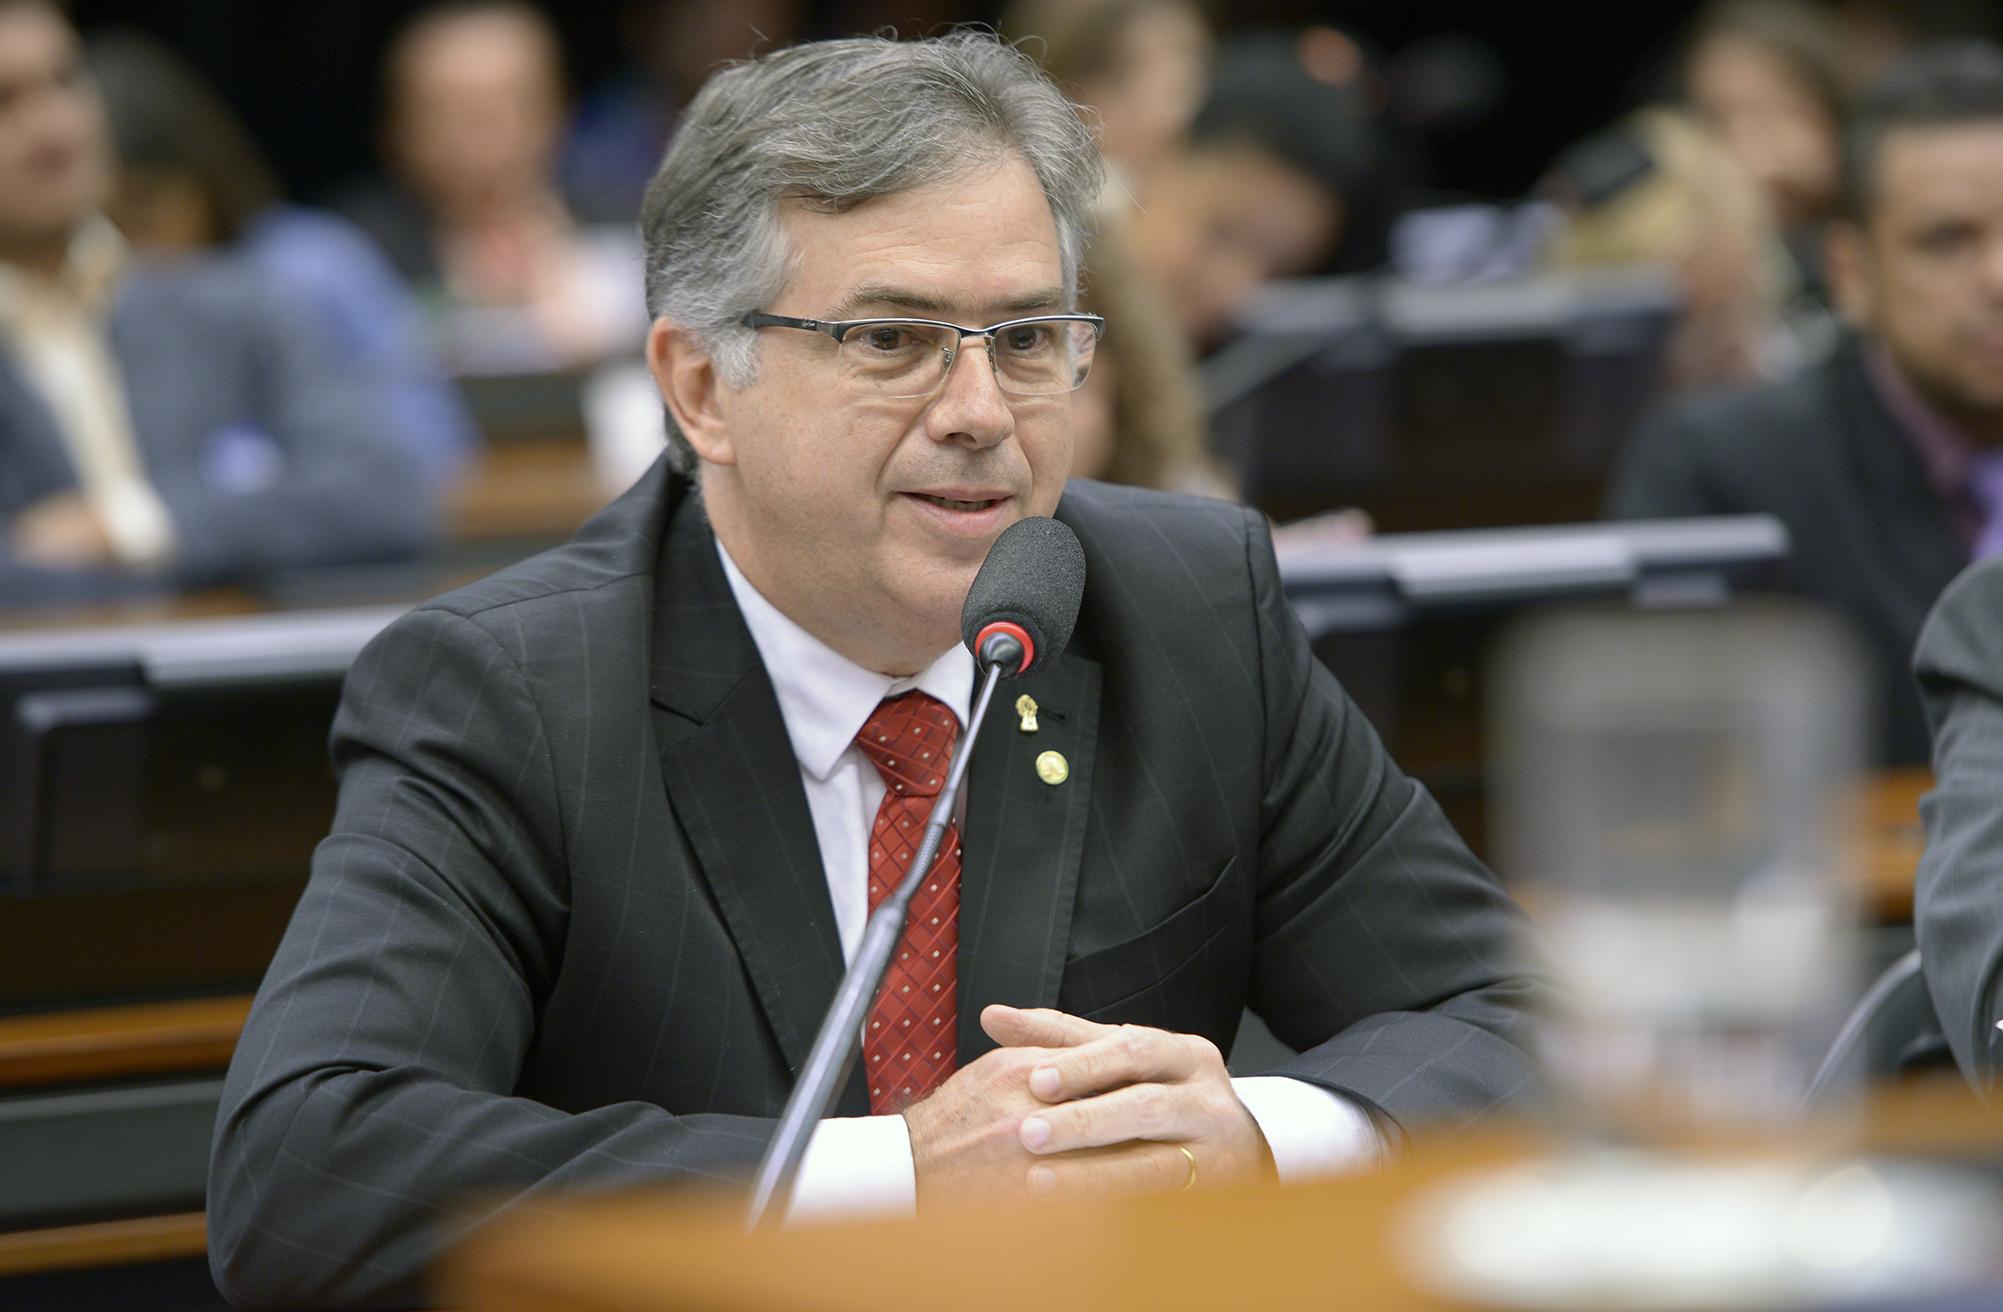 Audiência Pública. Dep. Joaquim Passarinho (PSD - PA)